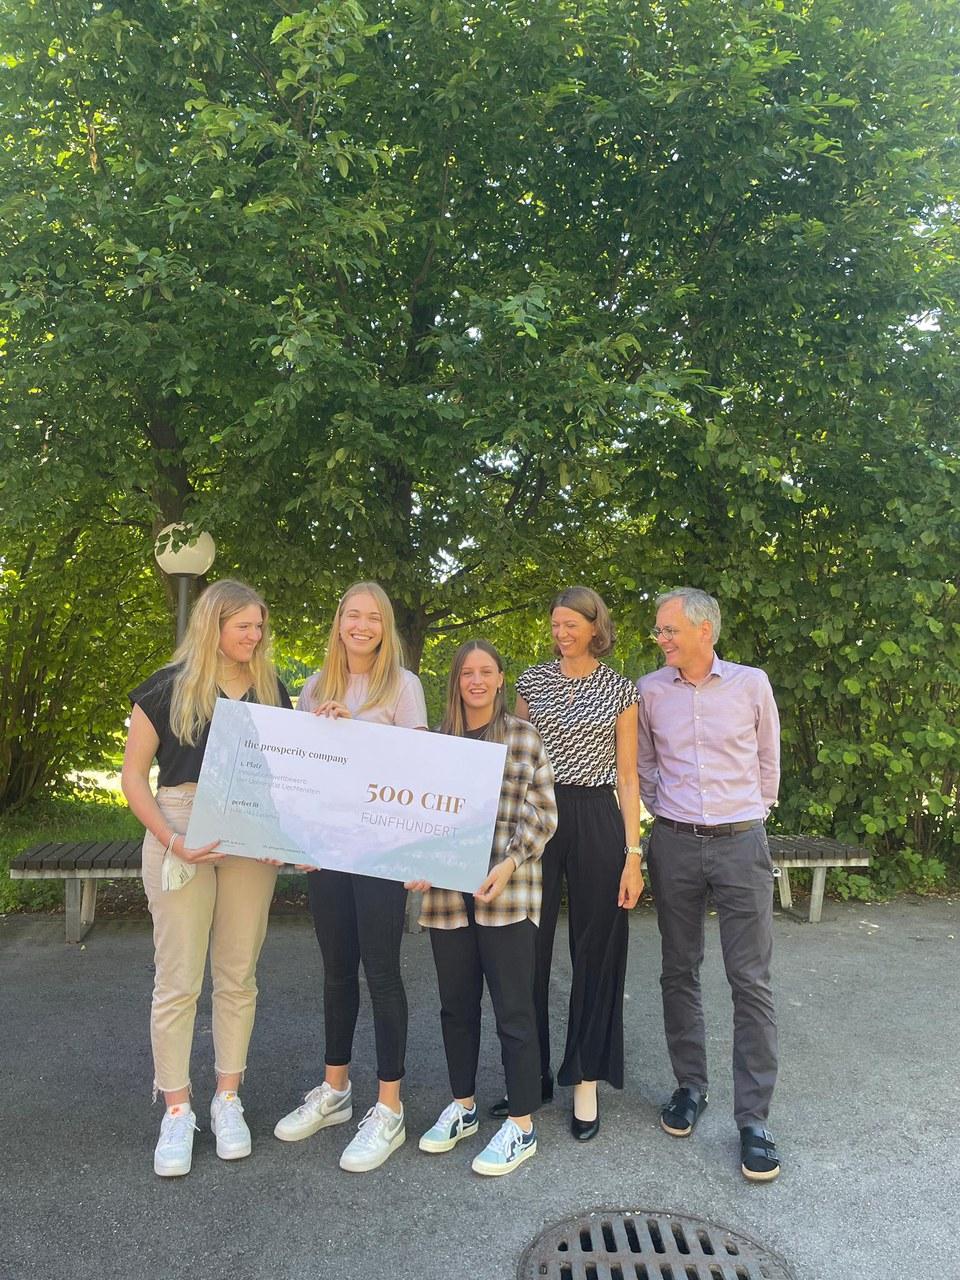 Preisträgerinnen Celine Moosbrugger, Leonie Kräutler und Antonia Justen, Lehrerin Manuela Nigsch und Rektor der Schule Johann Scheffknecht.